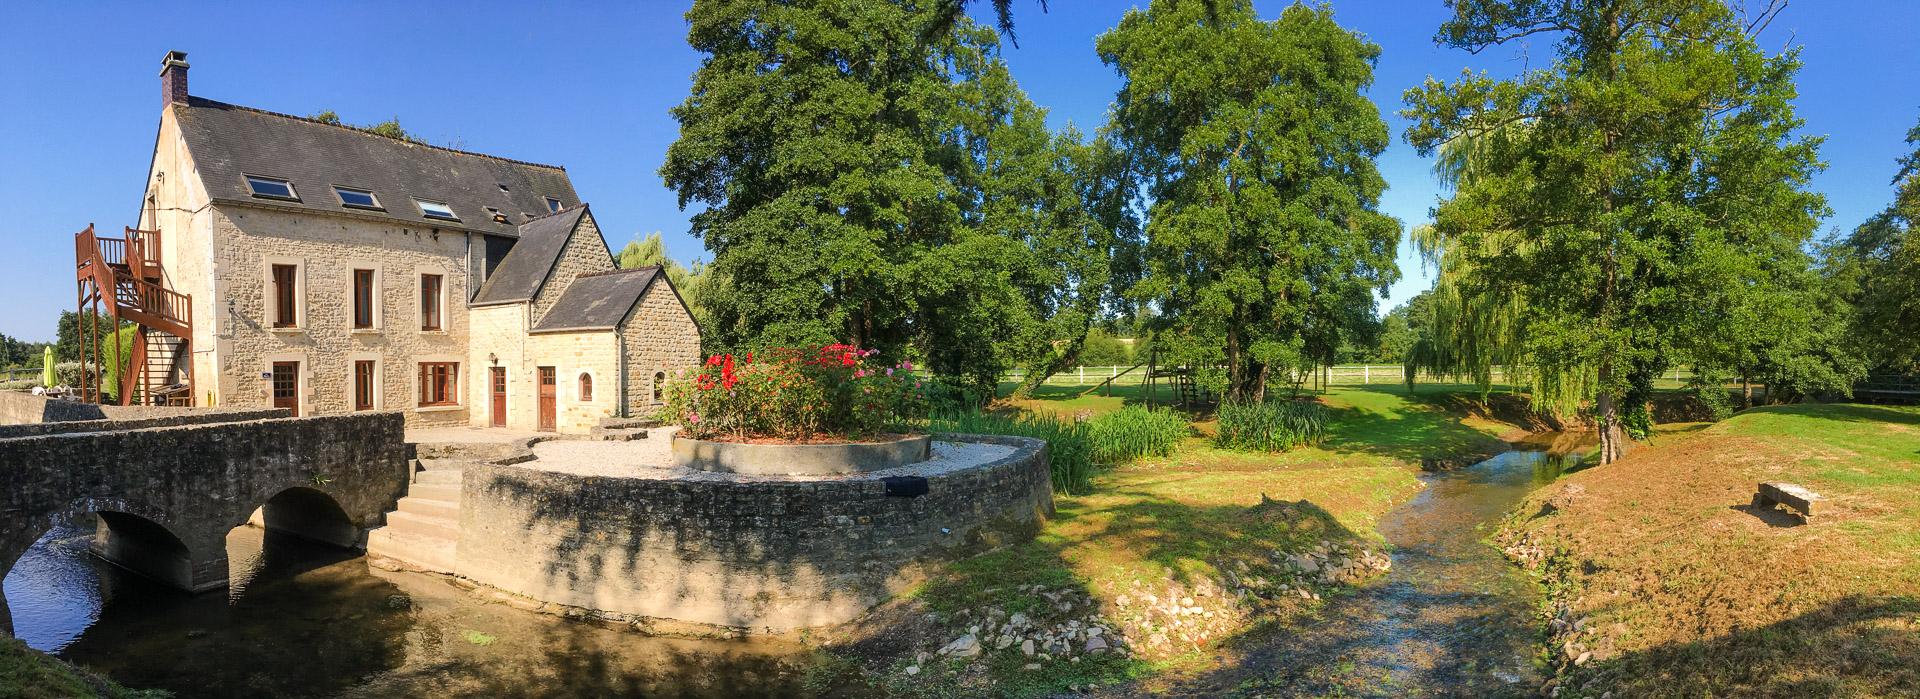 Vente Moulin Proche Bayeux (14) – Vente Moulin Proche Bayeux ... avec Moulin De Jardin A Vendre